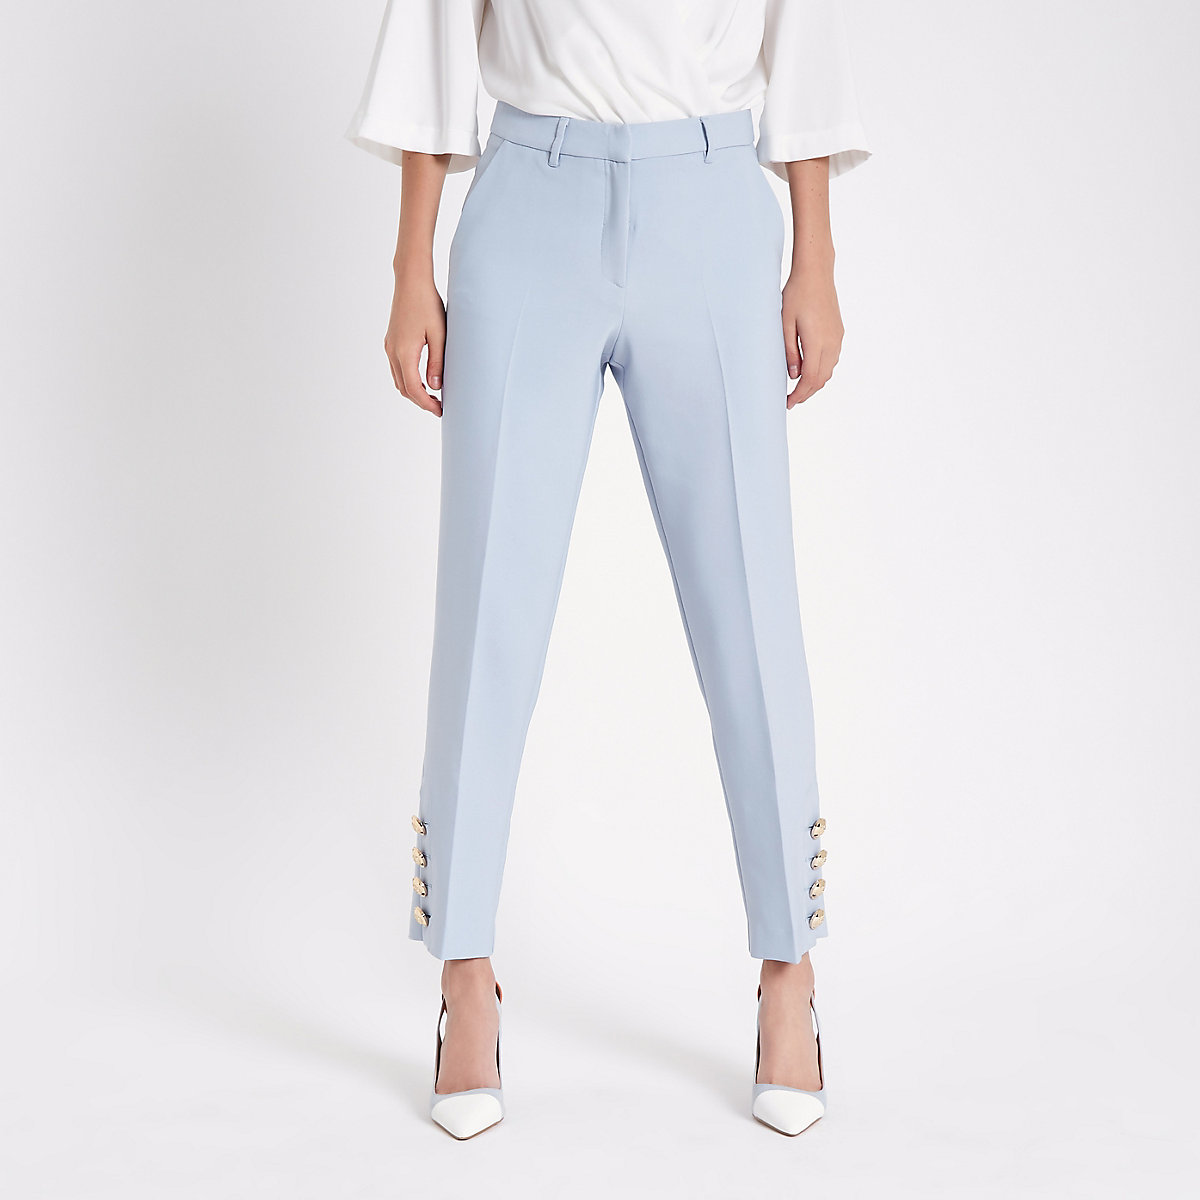 Light blue button trim cigarette pants